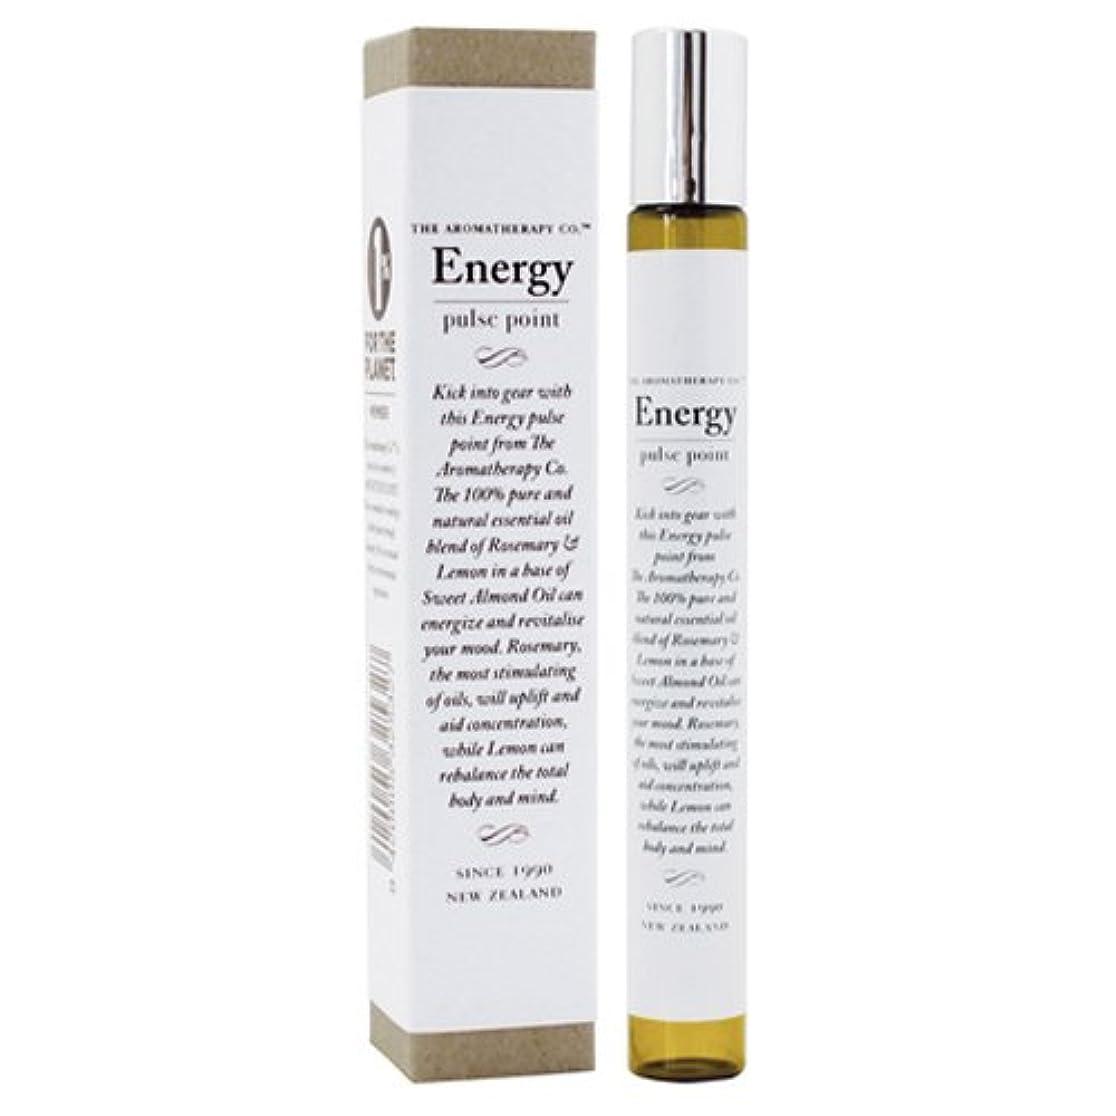 状況ビヨンマングルアロマセラピーカンパニー Therapy Range セラピーレンジ パルスポイント エナジー ロールオンパフューム Energy